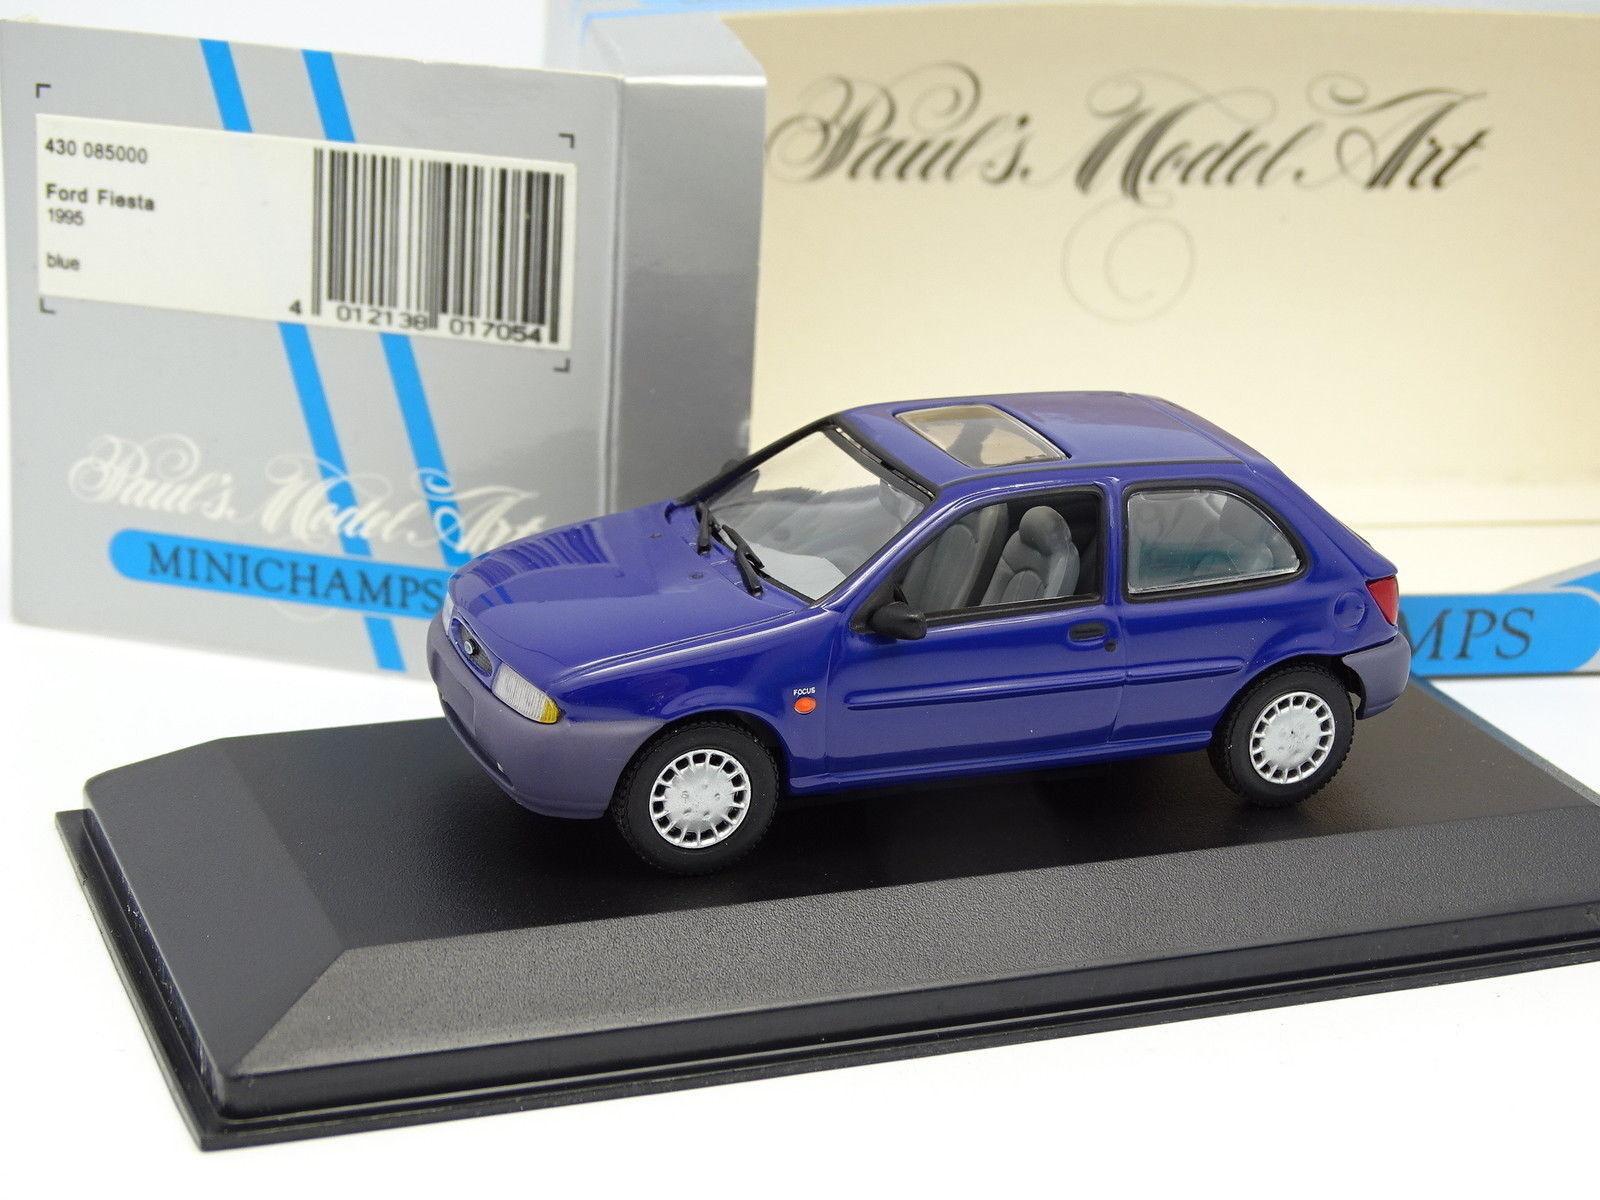 Minichamps 1 43 - Ford Fiesta 1995 Blu